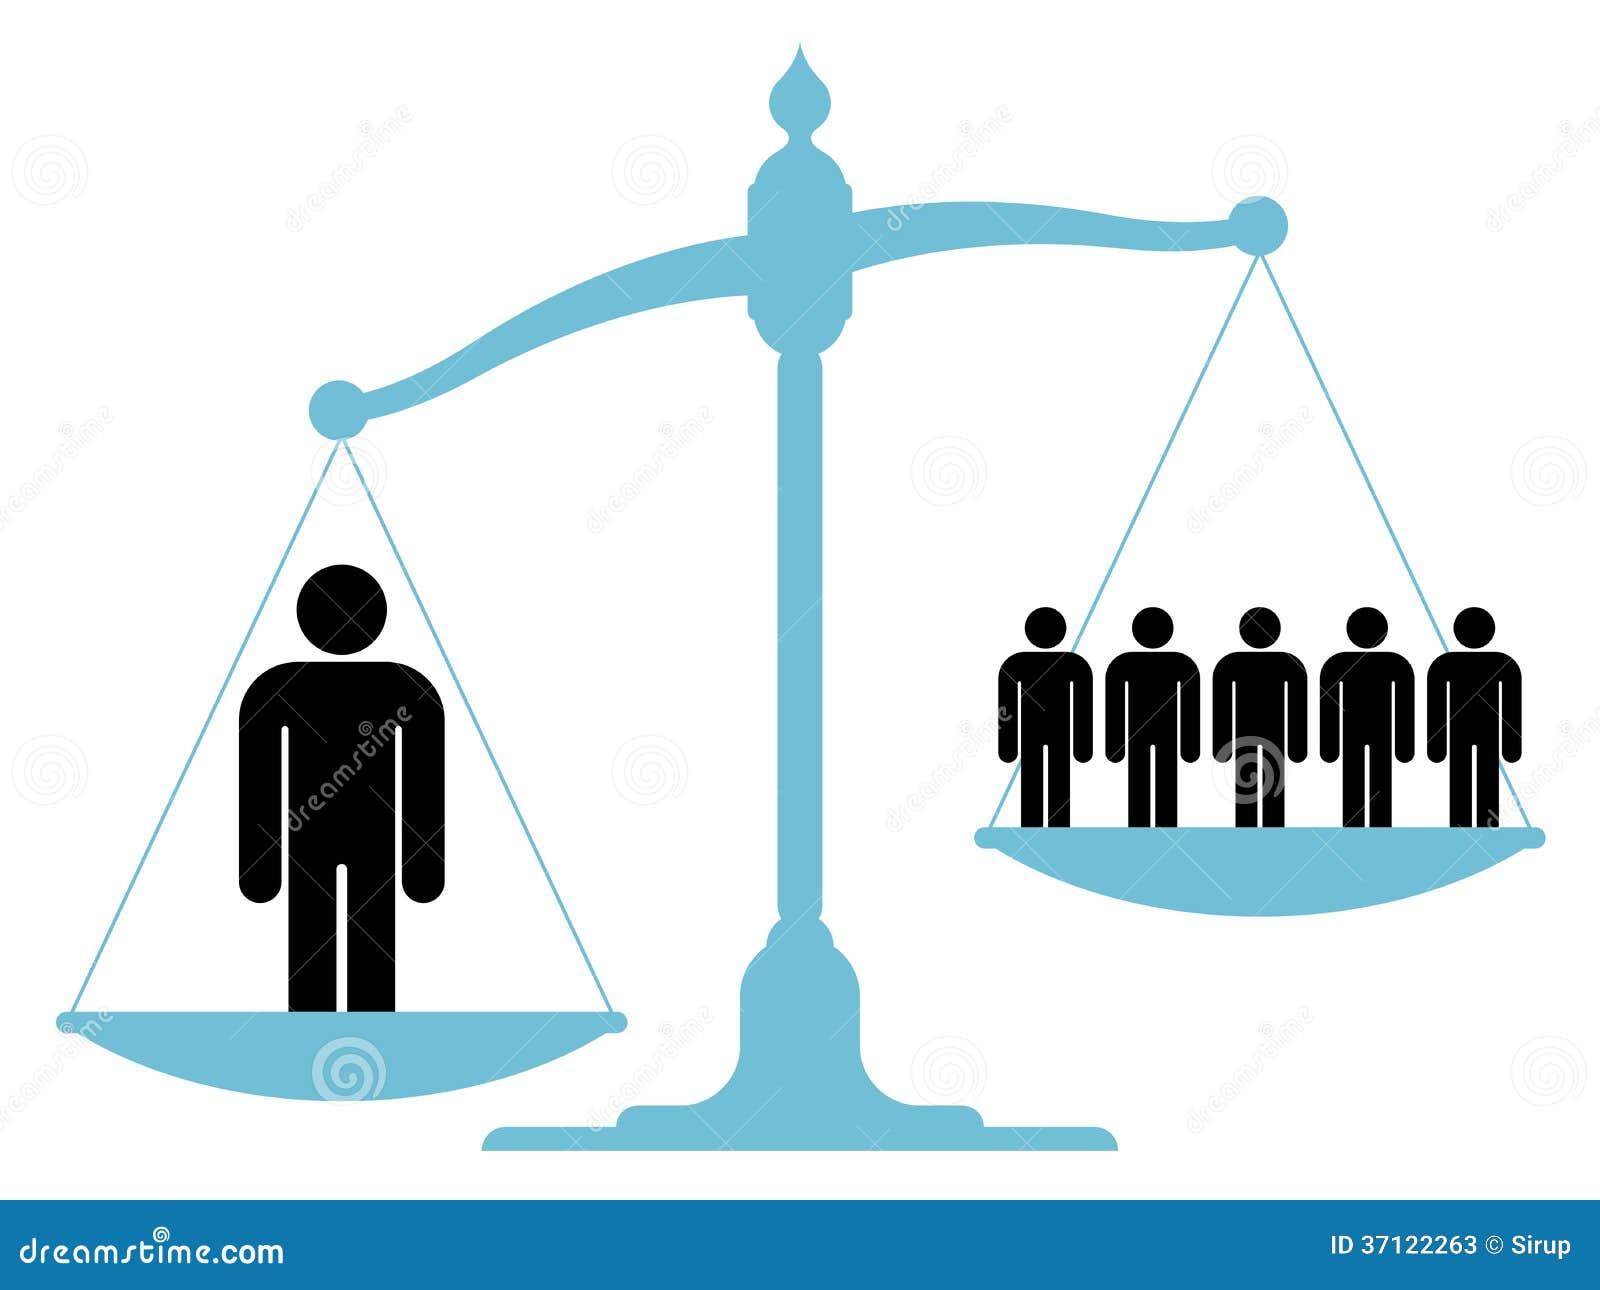 Obalanserad skala med en enkel man och en grupp